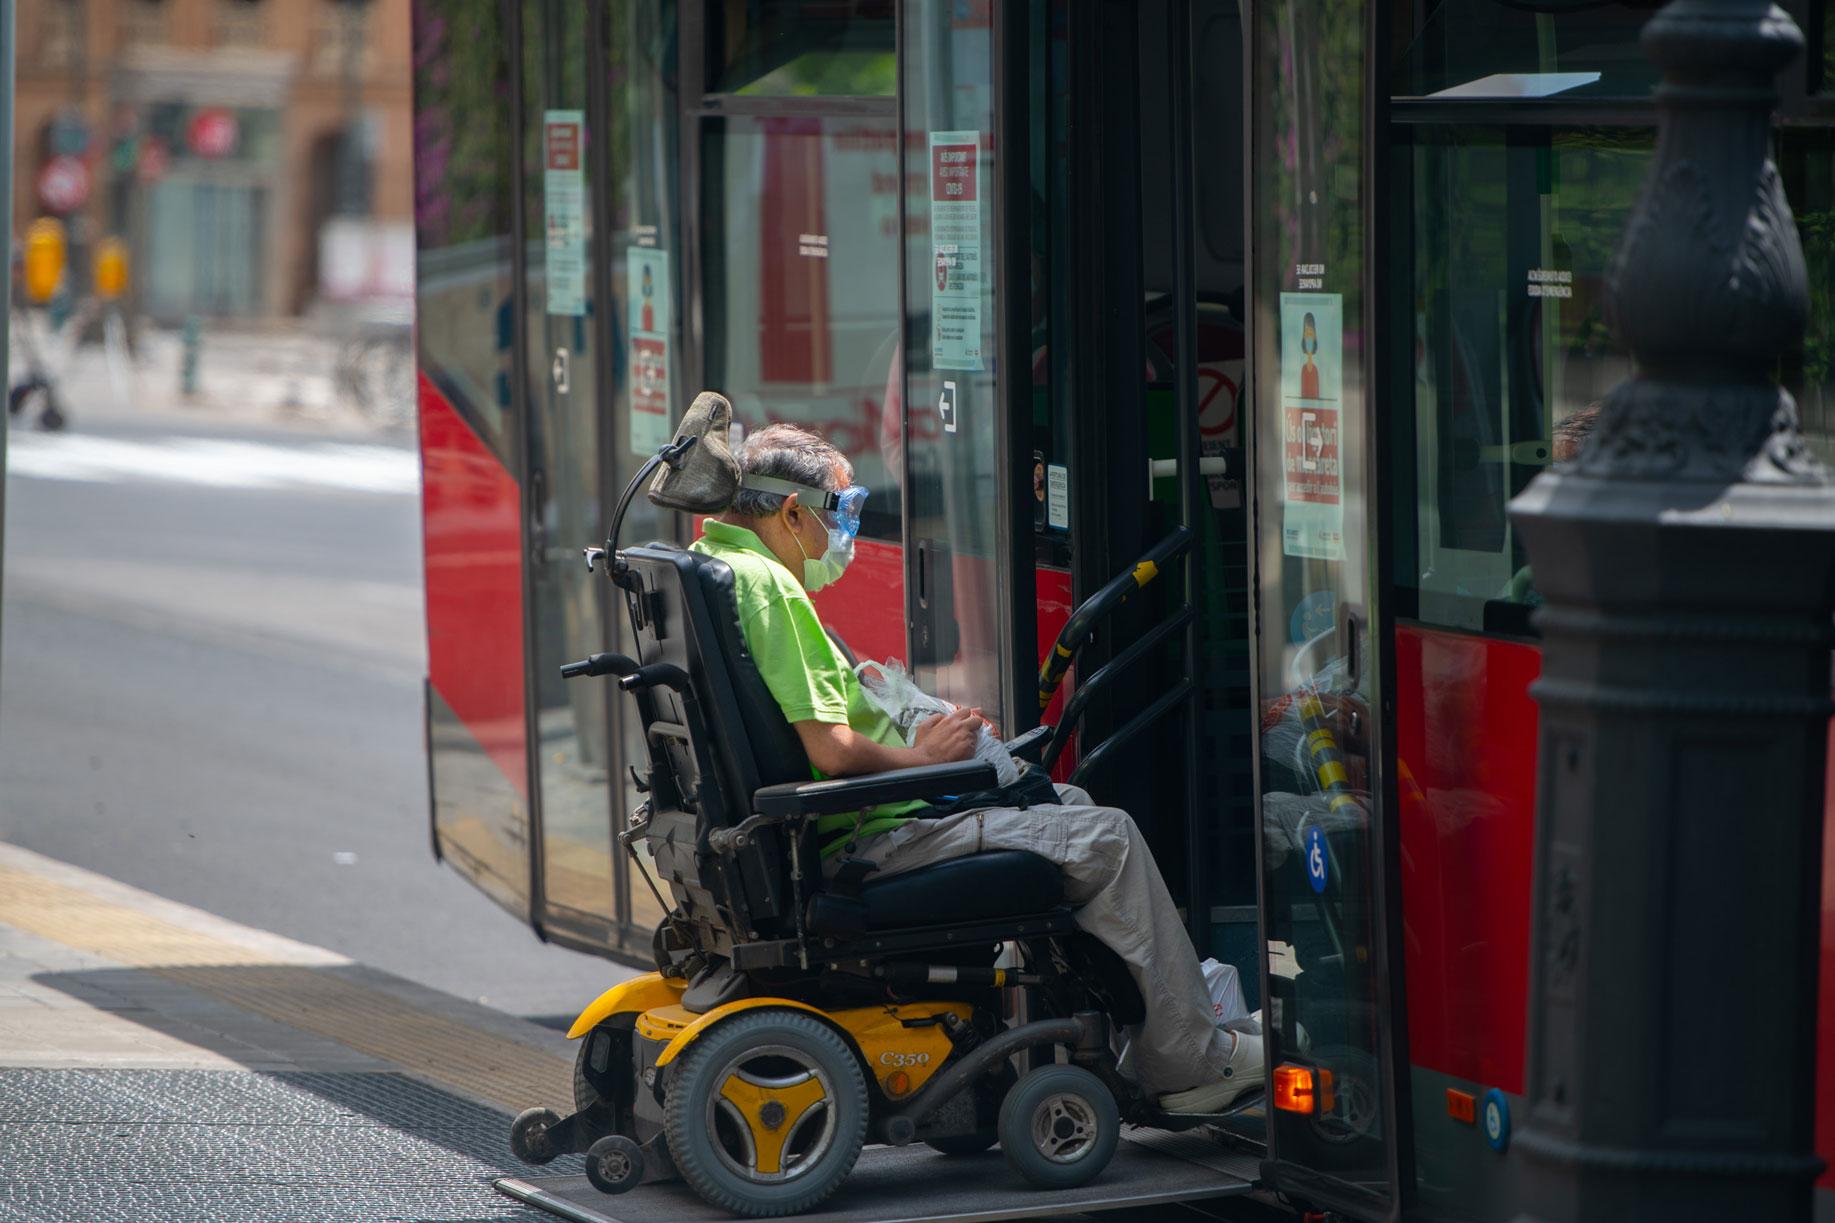 EMT. Movilidad y diversidad. Foto: Kike Taberner